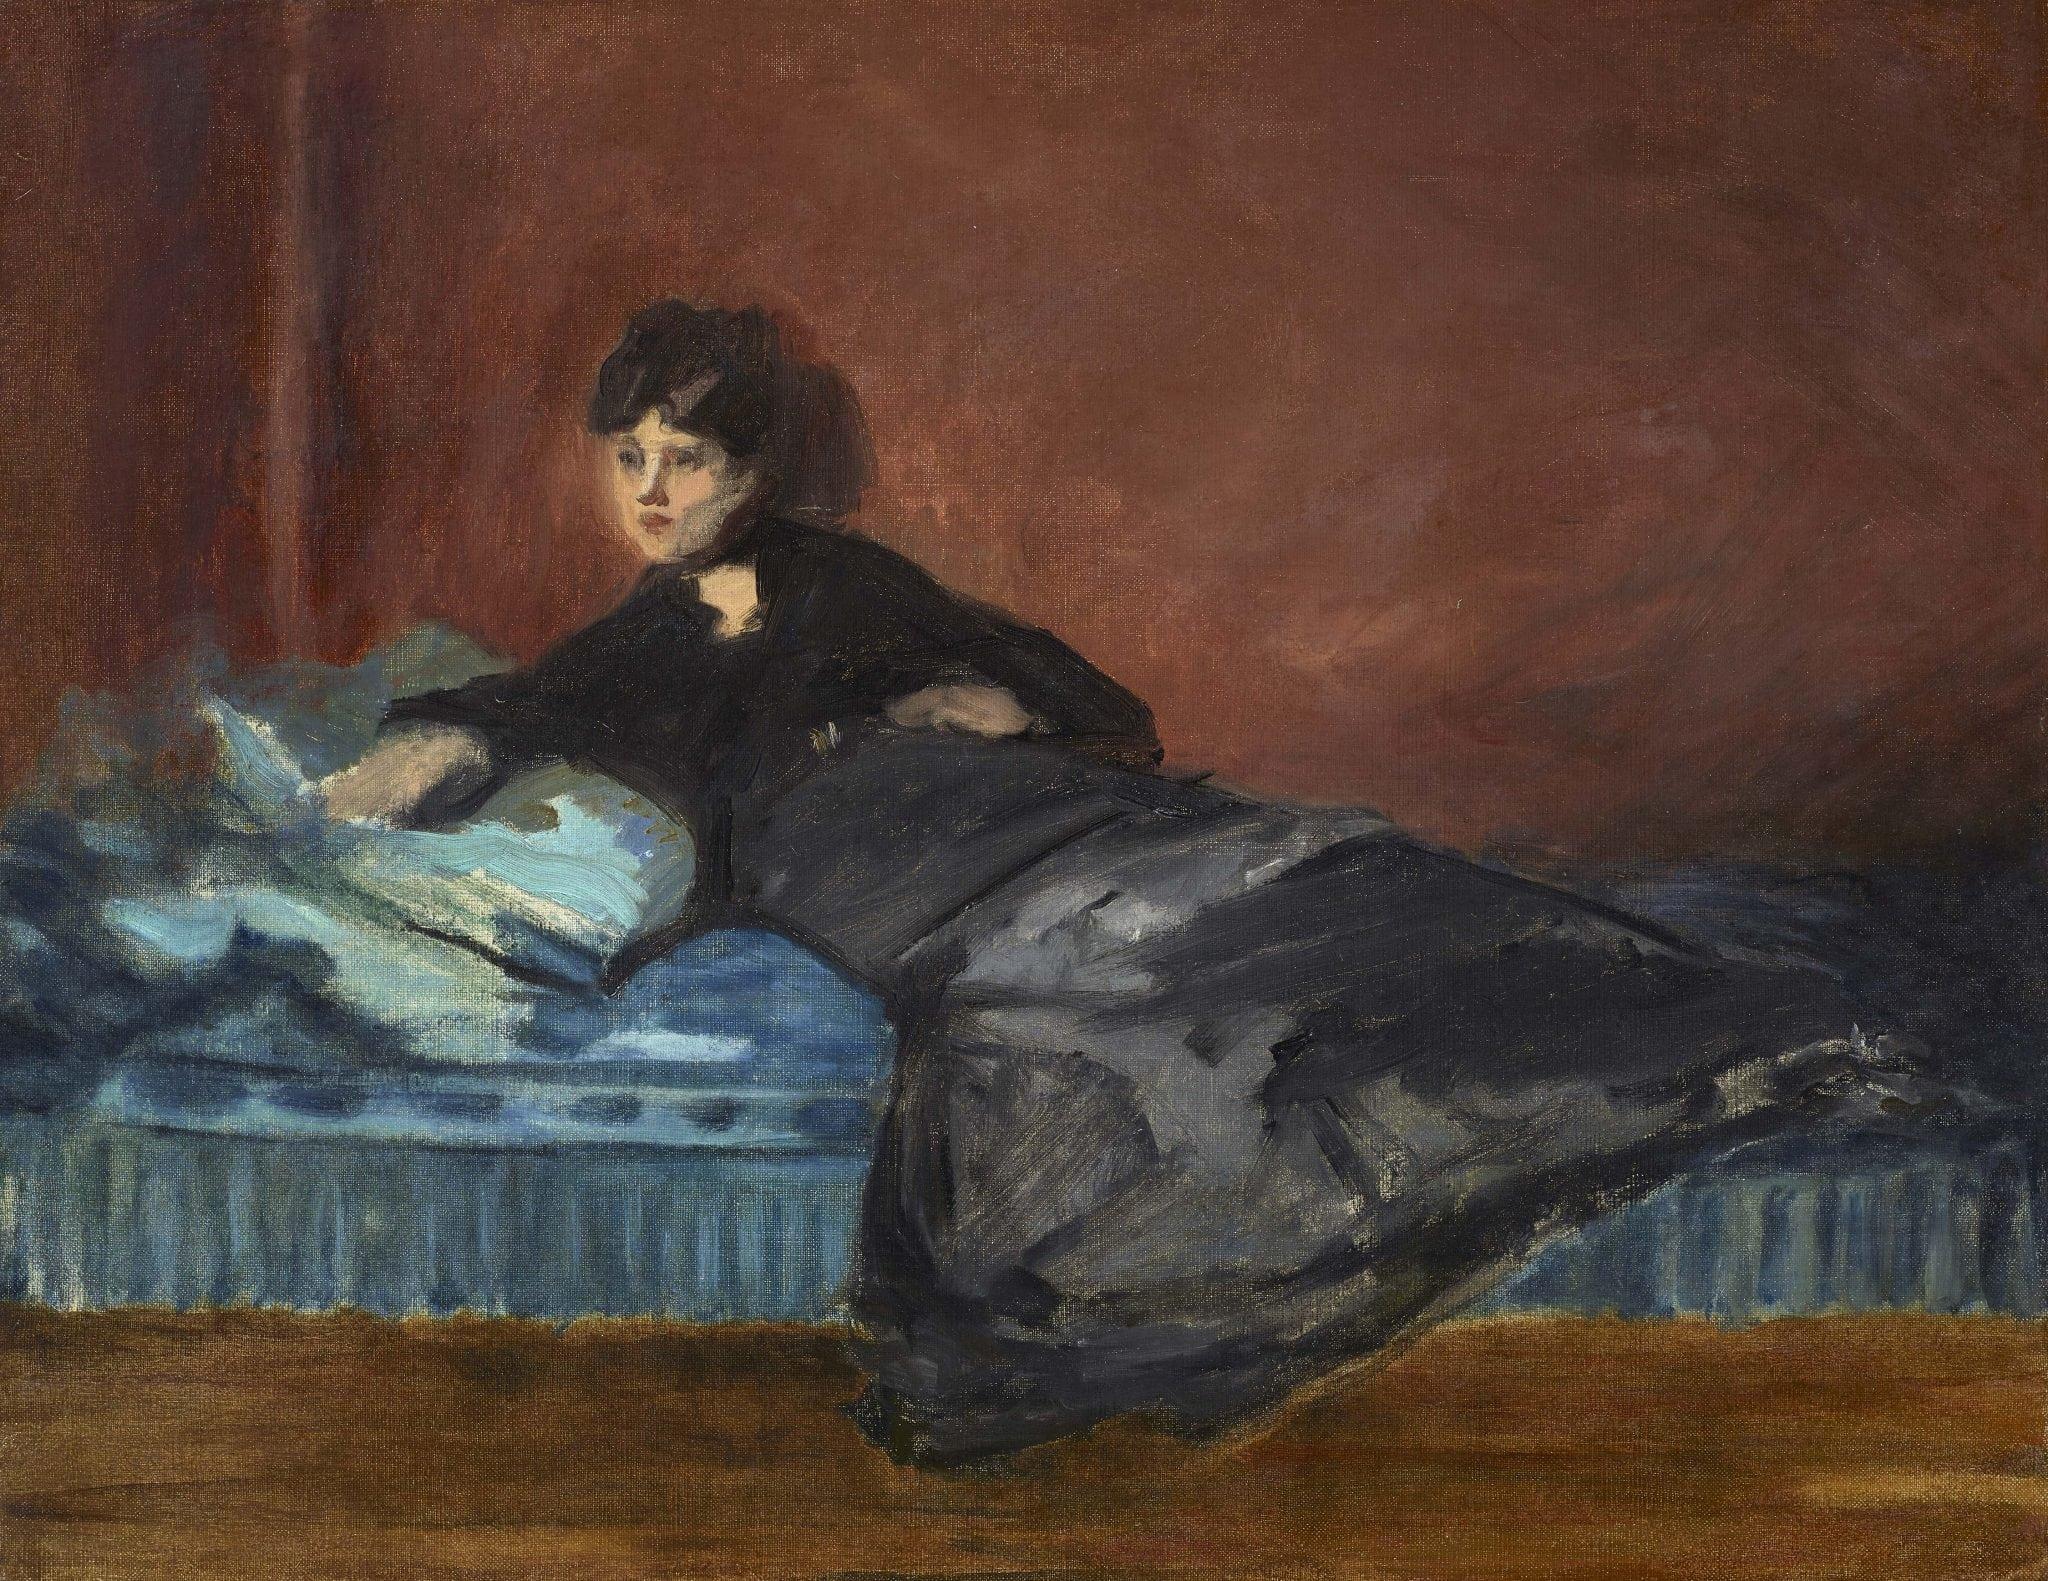 Manet, Edouard ~ Femme Allongée sur un Canapé (Portrait of Berthe Morisot)